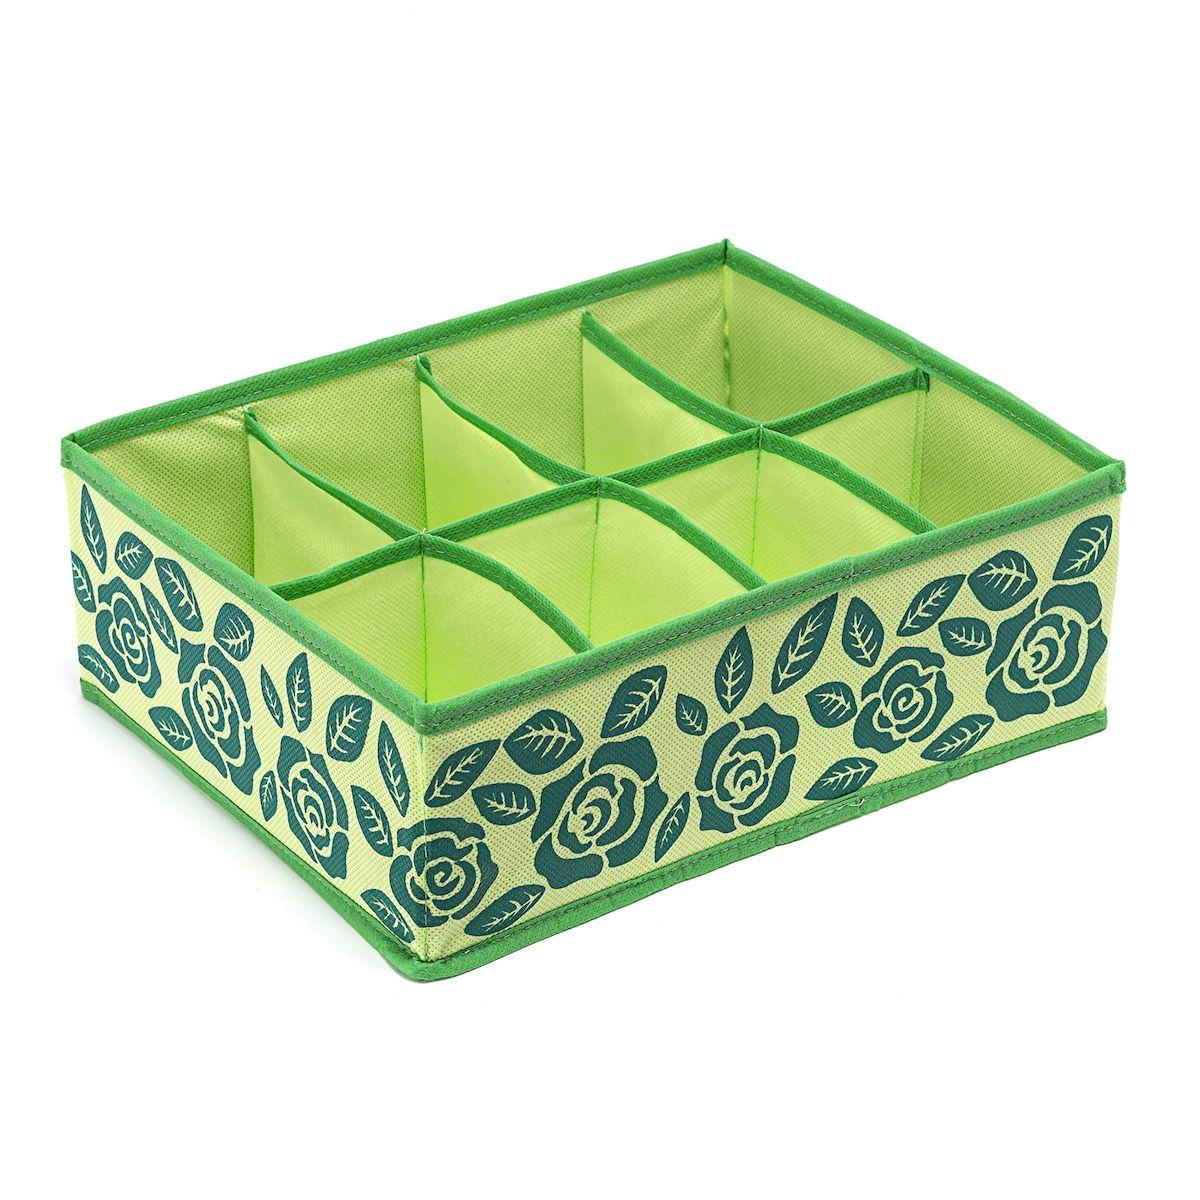 Органайзер для хранения Homsu Green Flower, 8 секций , 31 х 24 х 11 смTD 0033Компактный органайзер Homsu Green Flower изготовлен из высококачественного полиэстера, который обеспечивает естественную вентиляцию. Материал позволяет воздуху свободно проникать внутрь, но не пропускает пыль. Органайзер отлично держит форму, благодаря вставкам из плотного картона. Изделие имеет 8 секций для хранения нижнего белья, колготок, носков и другой одежды.Такой органайзер позволит вам хранить вещи компактно и удобно.